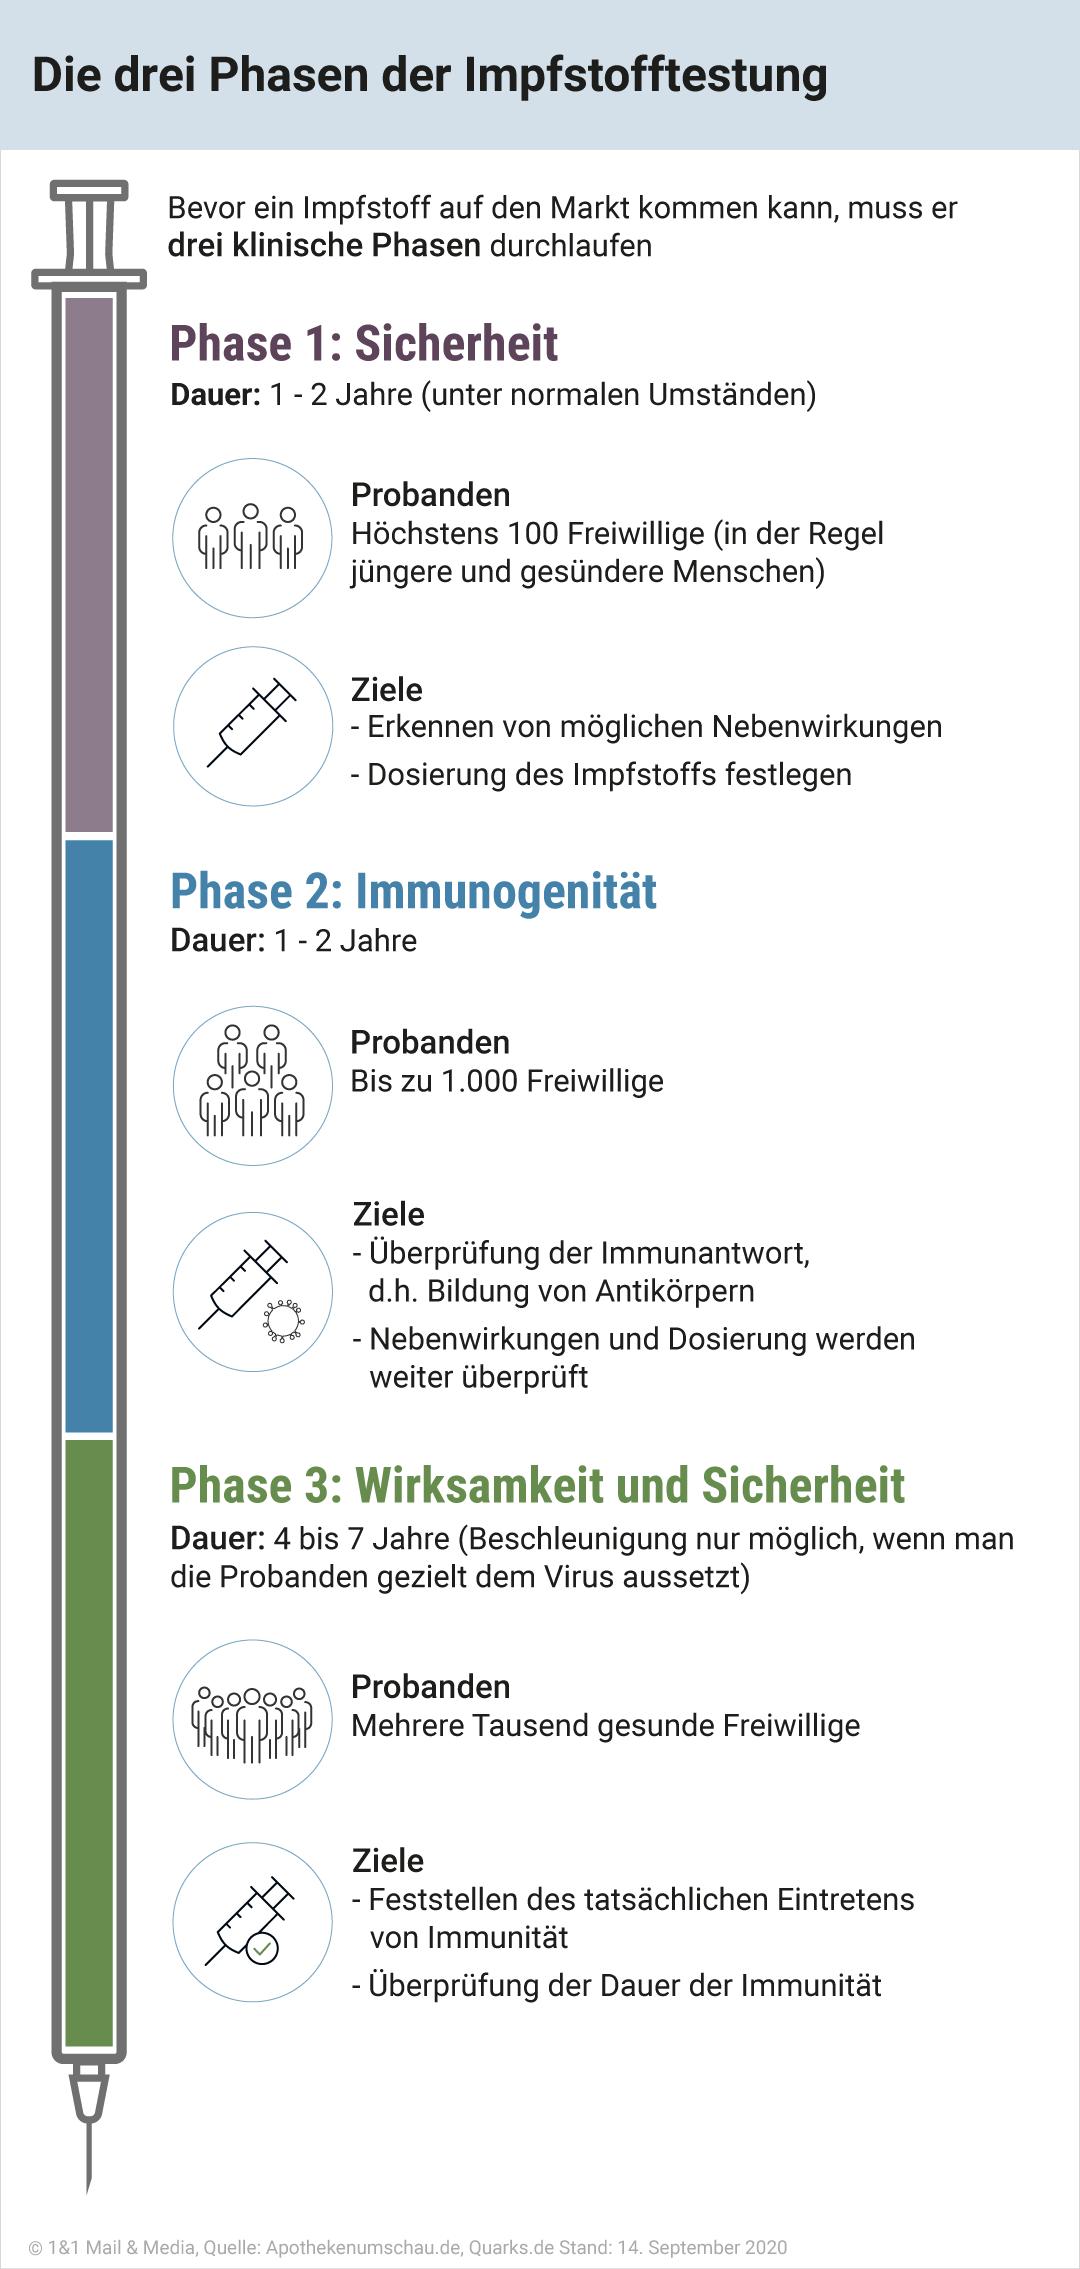 Bild zu Die drei Phasen der Impfstofftestung